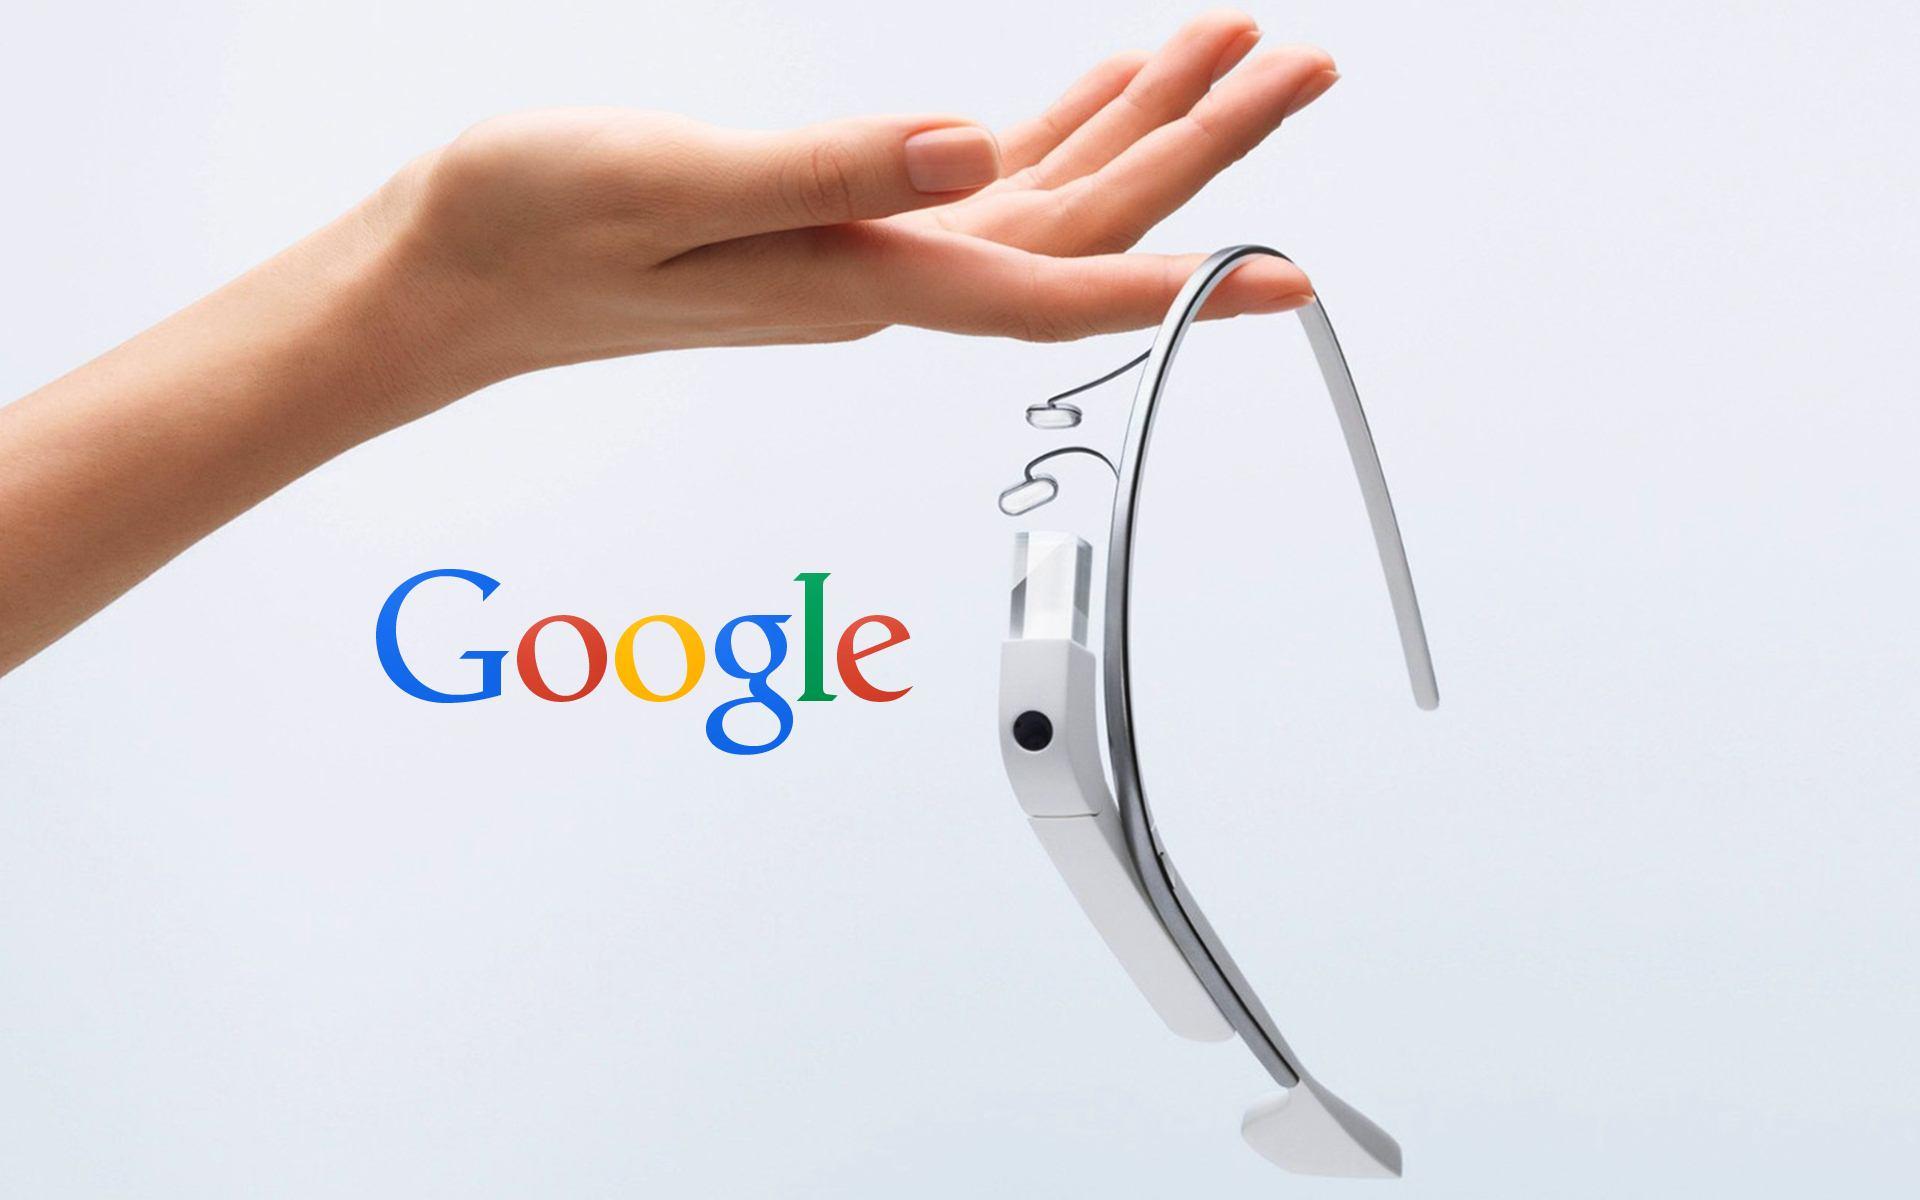 عینک گوگل تک چشمی می شود؟